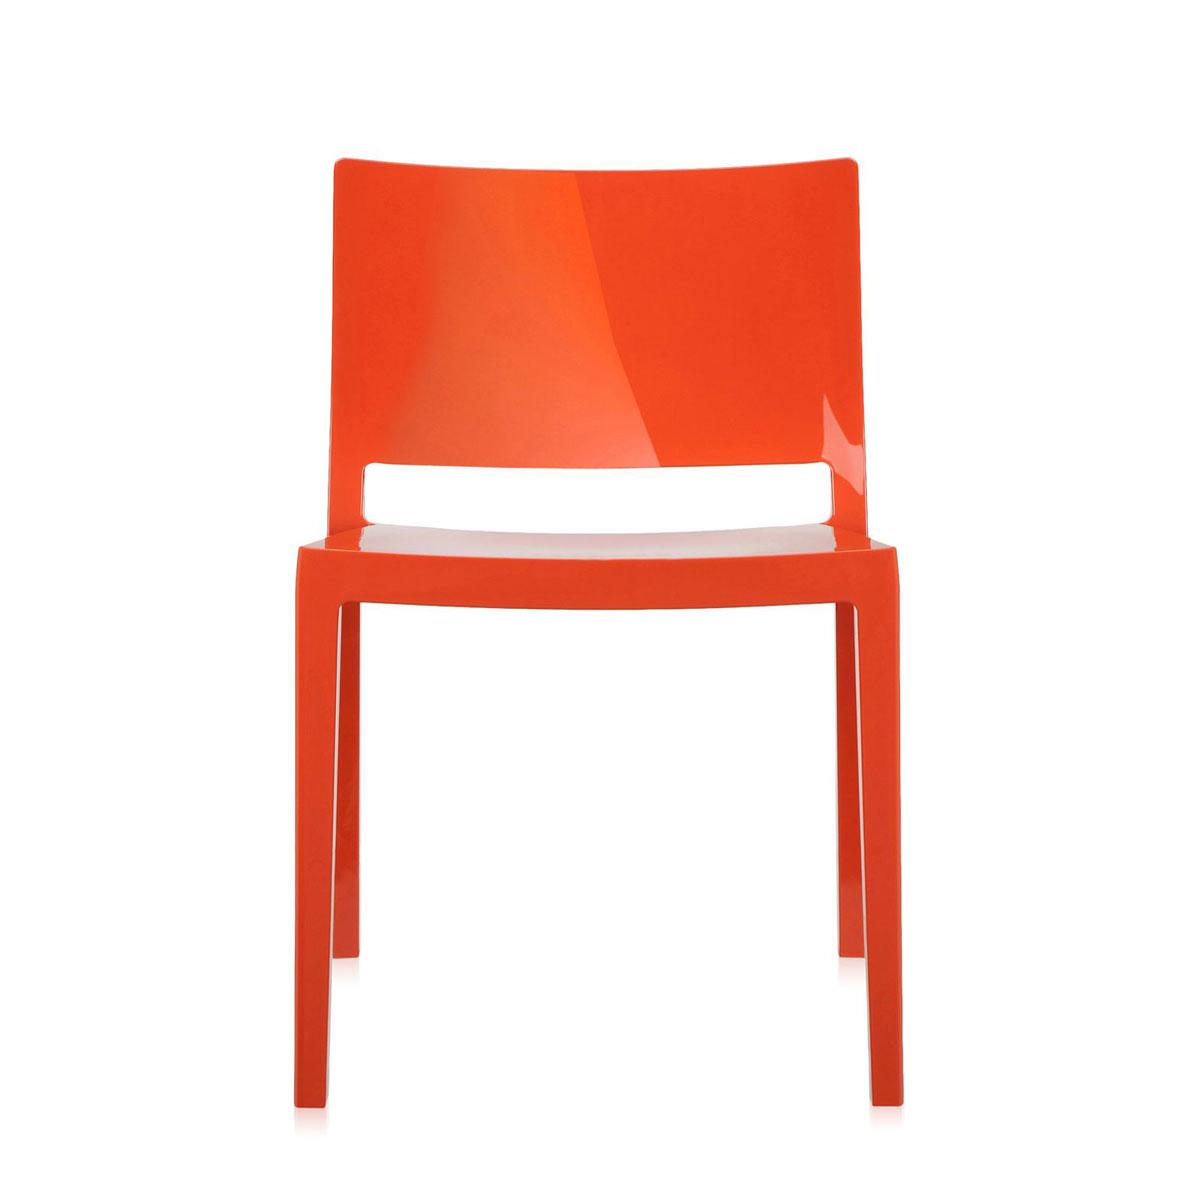 designwebstore | OUTLET Lizz orange